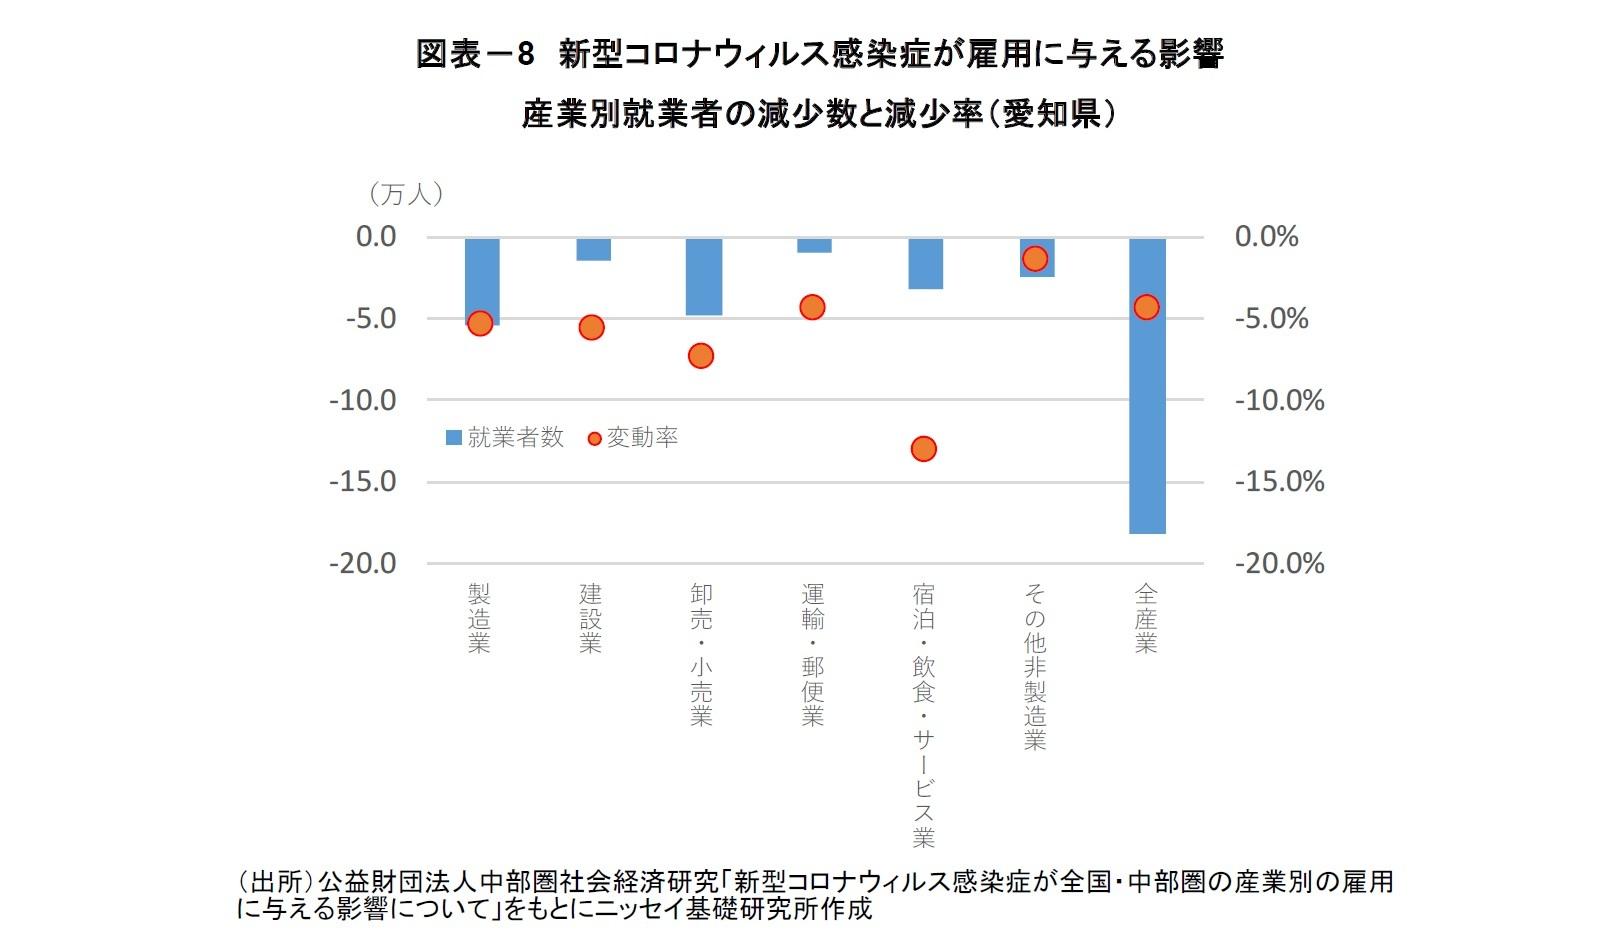 図表-8 新型コロナウィルス感染症が雇用に与える影響産業別就業者の減少数と減少率(愛知県)